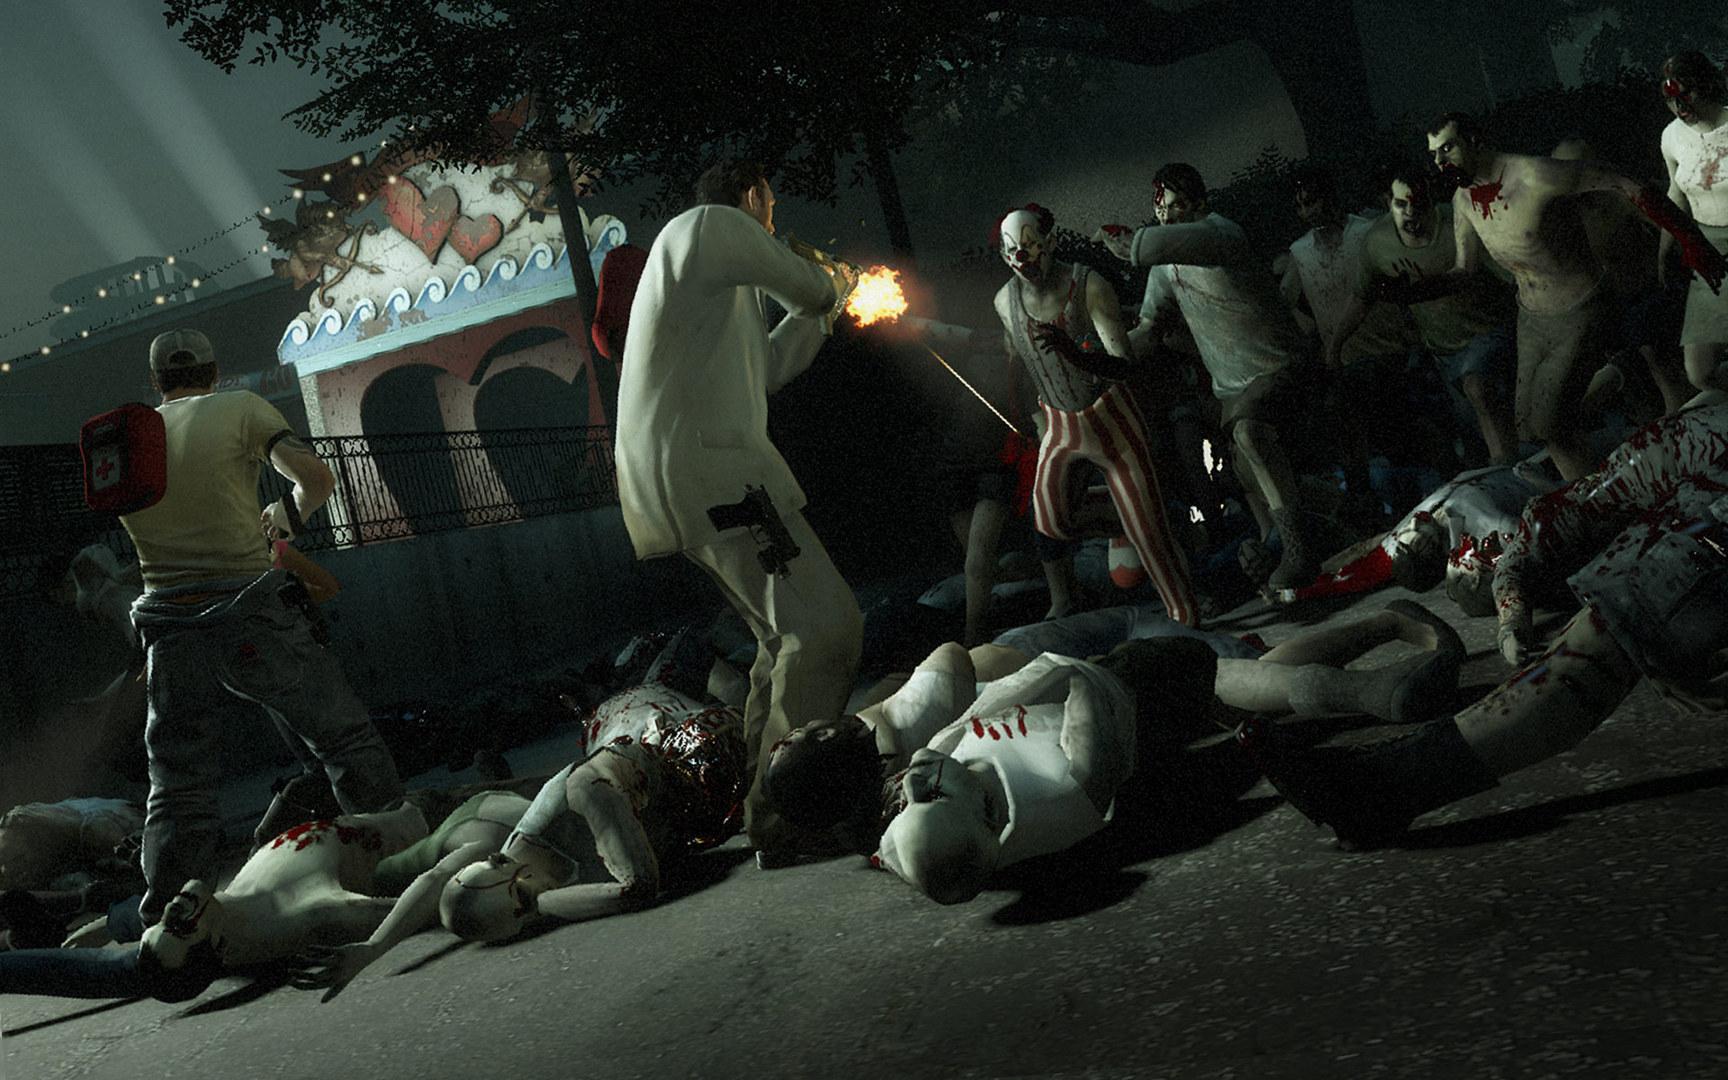 Video Game - Left 4 Dead 2  Dead Zombie Fire Night Dark Clown Carneval Left 4 Dead Wallpaper